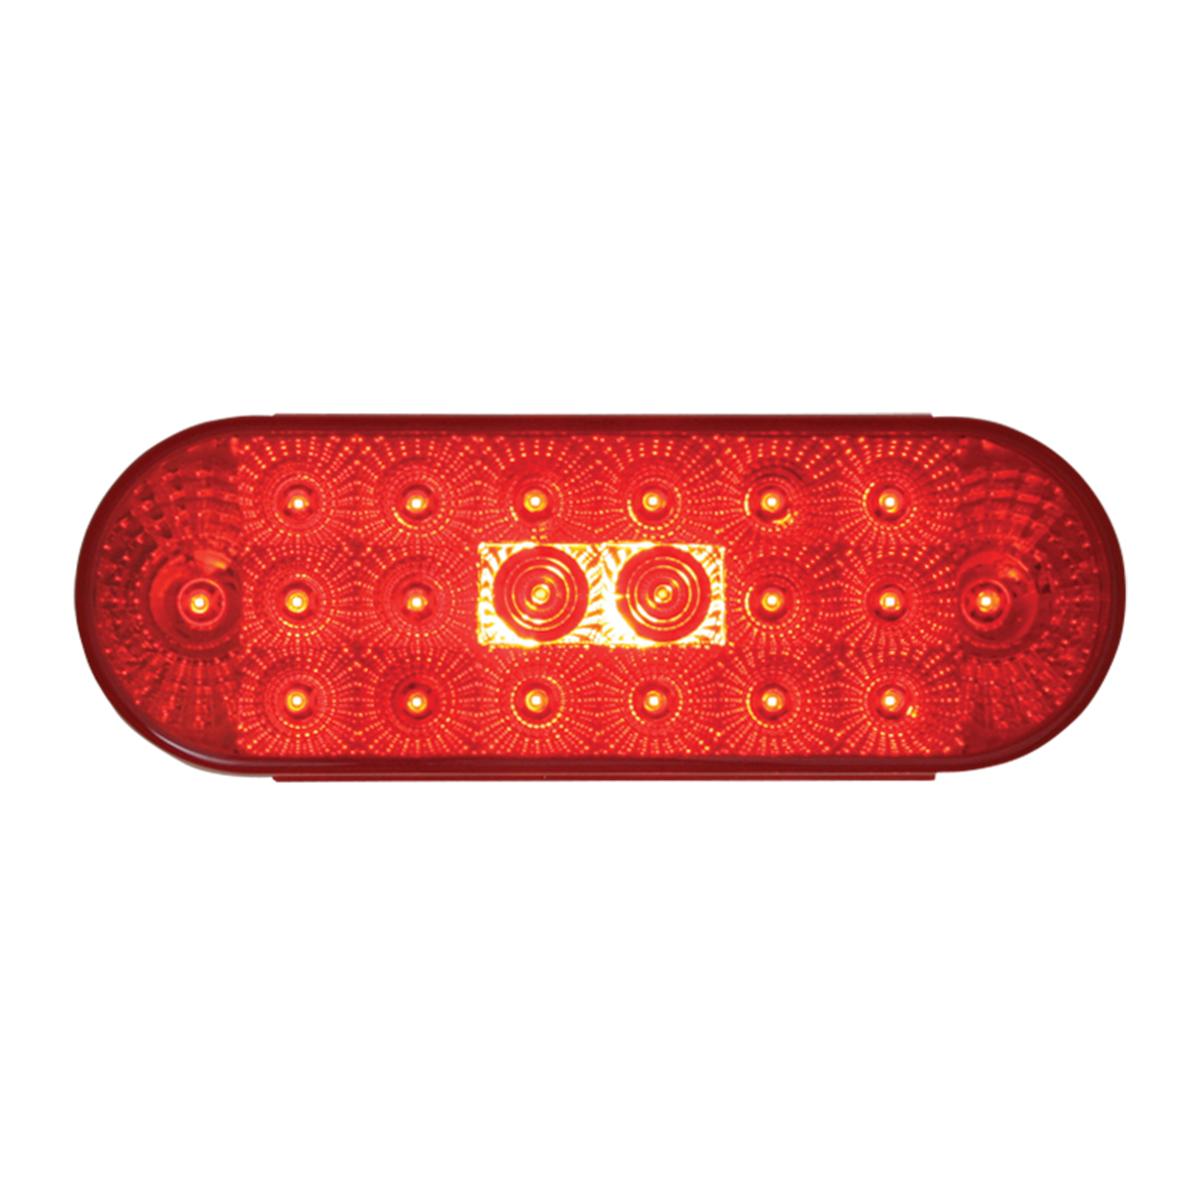 Oval Spyder LED Flat Red/Red Light - Slanted